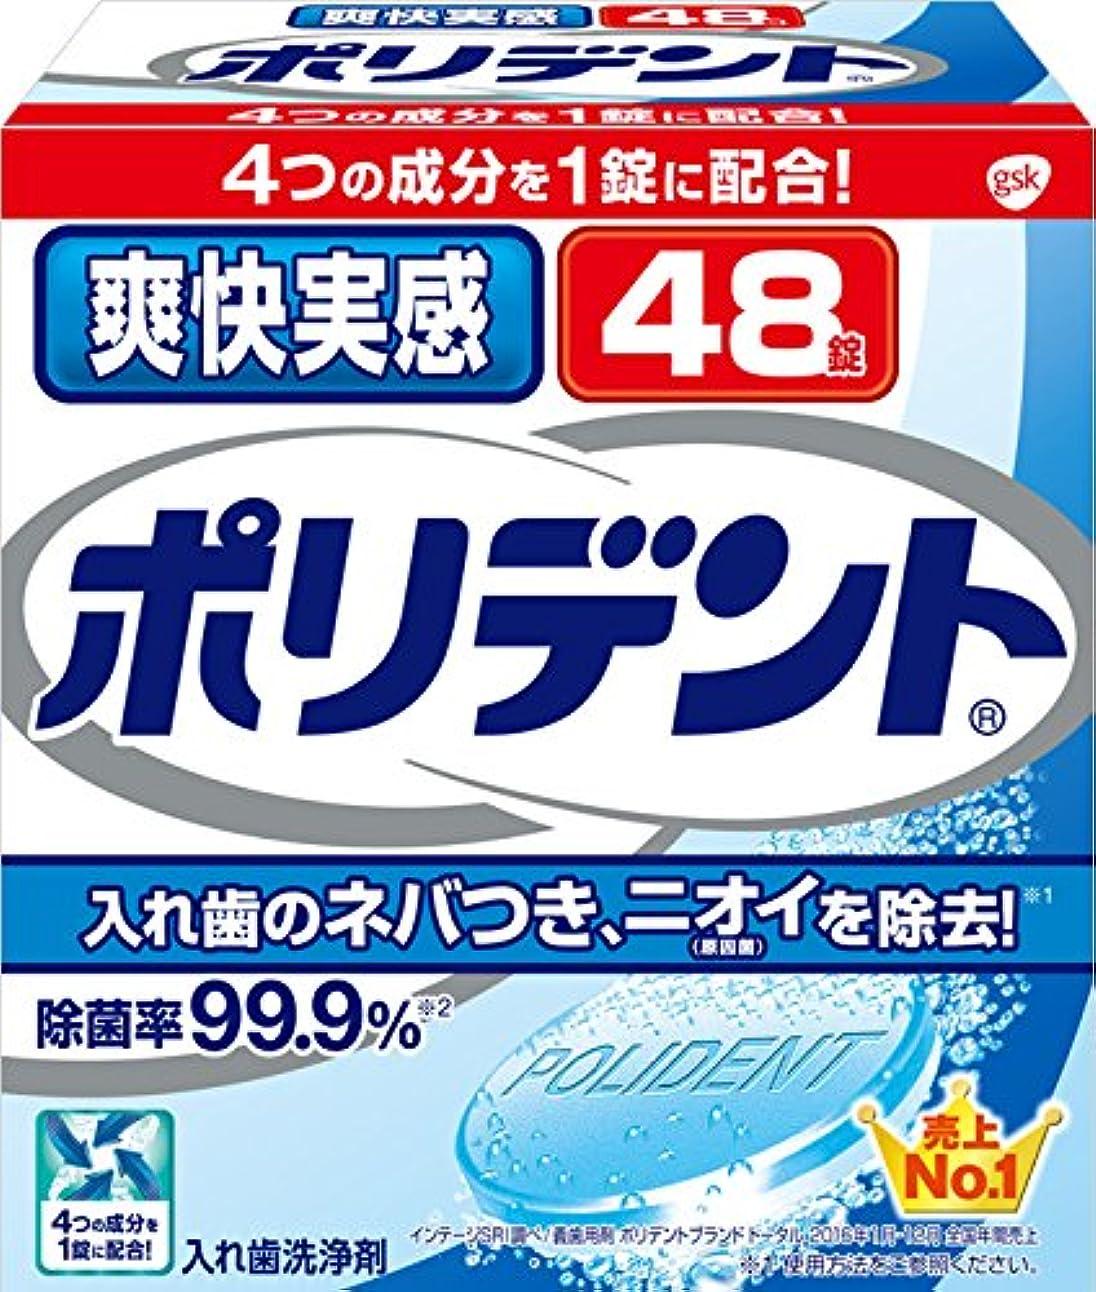 ミュウミュウ環境保護主義者リーダーシップ入れ歯洗浄剤 爽快実感 ポリデント 48錠